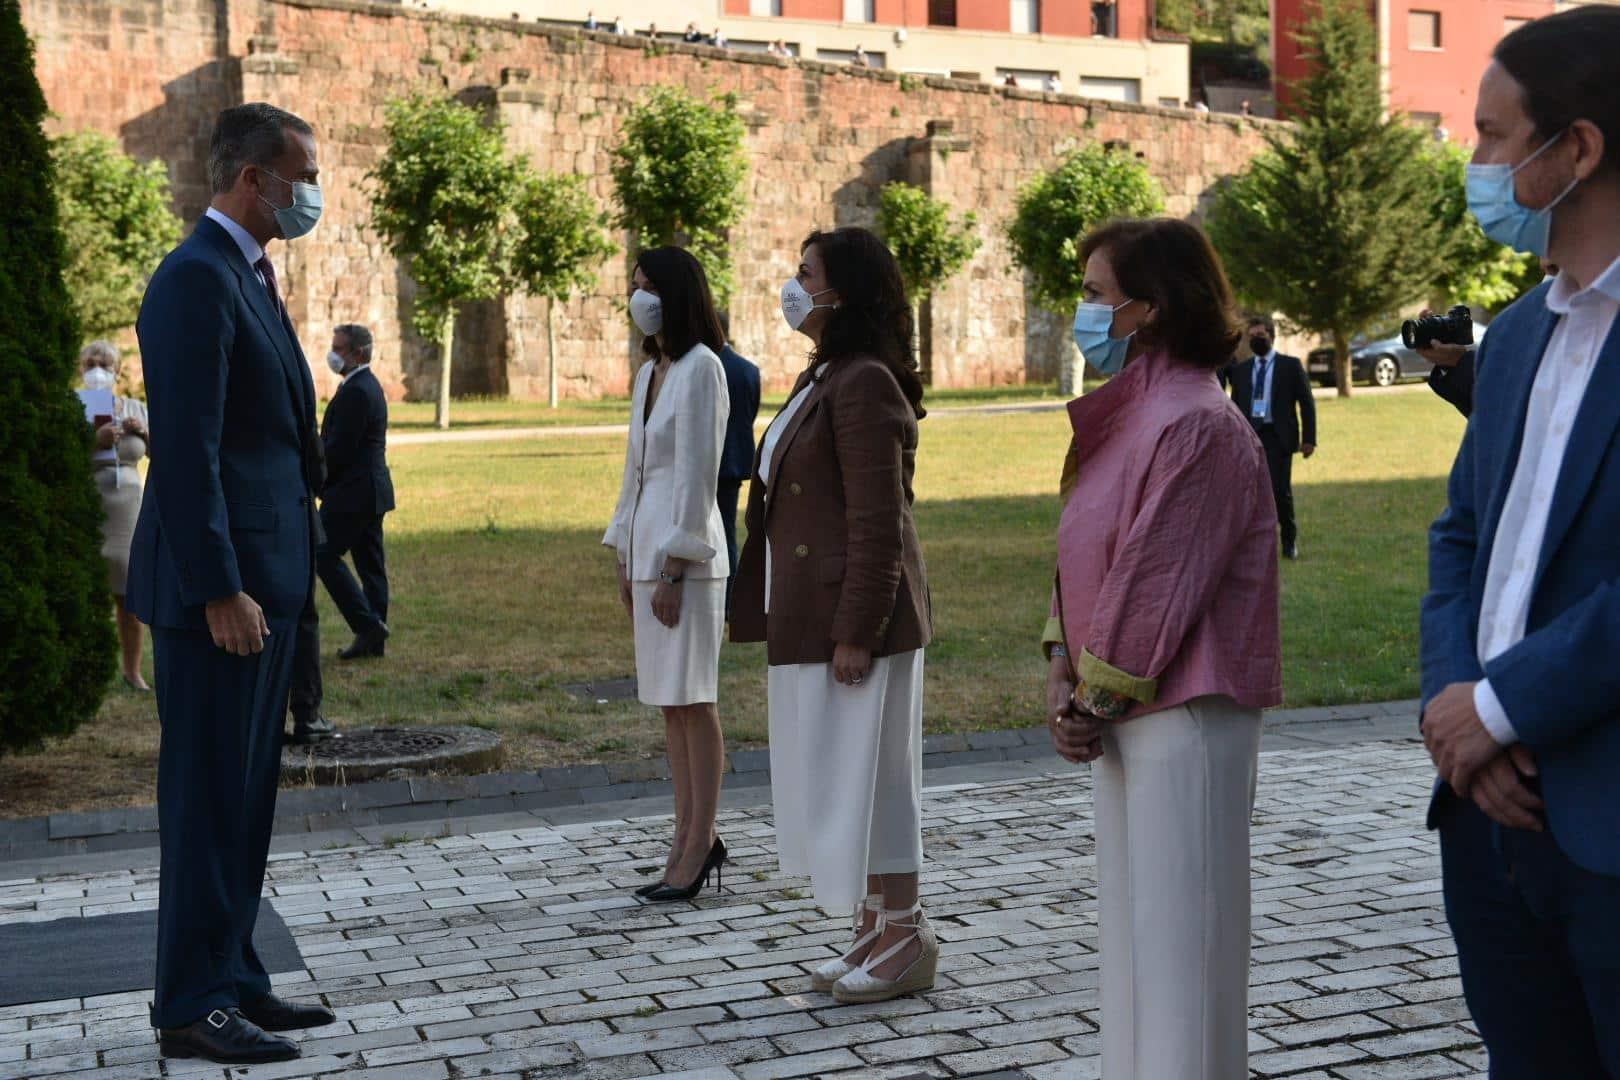 FOTOS: Histórica Conferencia de Presidentes en San Millán 2